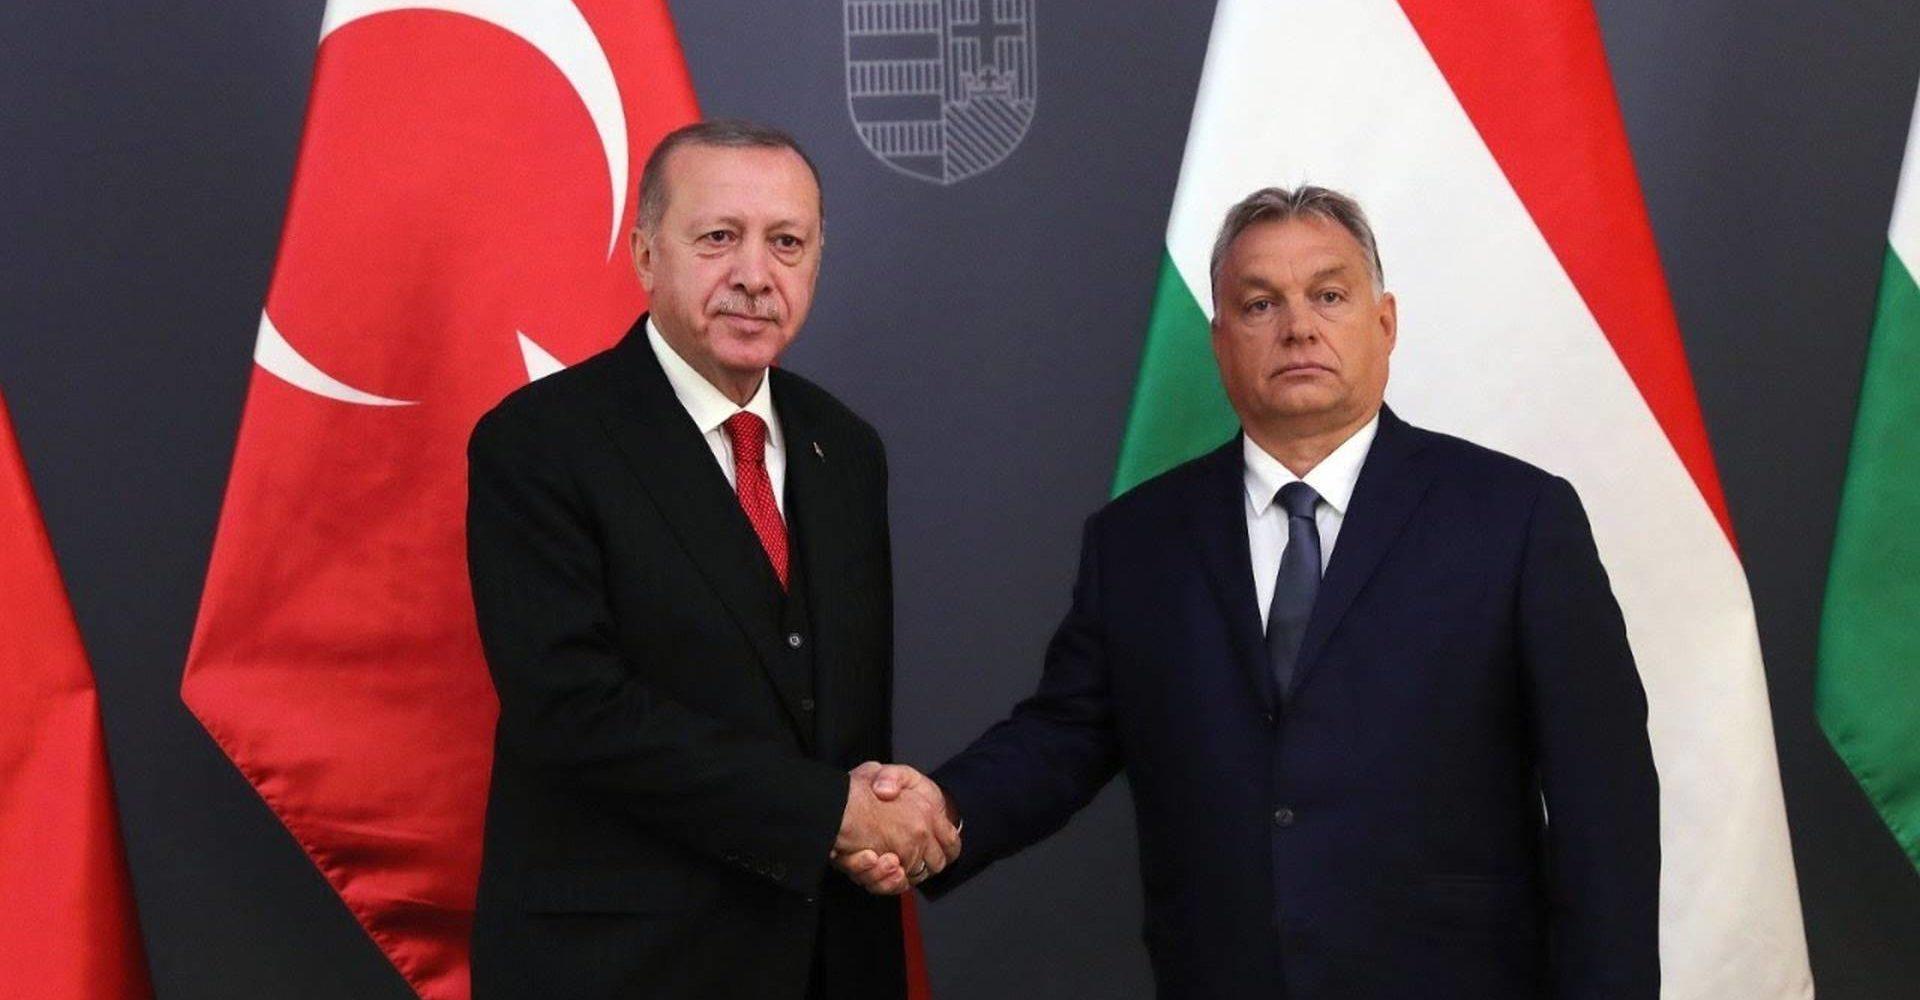 SVAKI POKUŠAJ UKLANJANJA ERDOGANA PRIJETNJA JE I NAMA! Orban: Sigurni smo dok se možemo dogovoriti s Erdoganom!